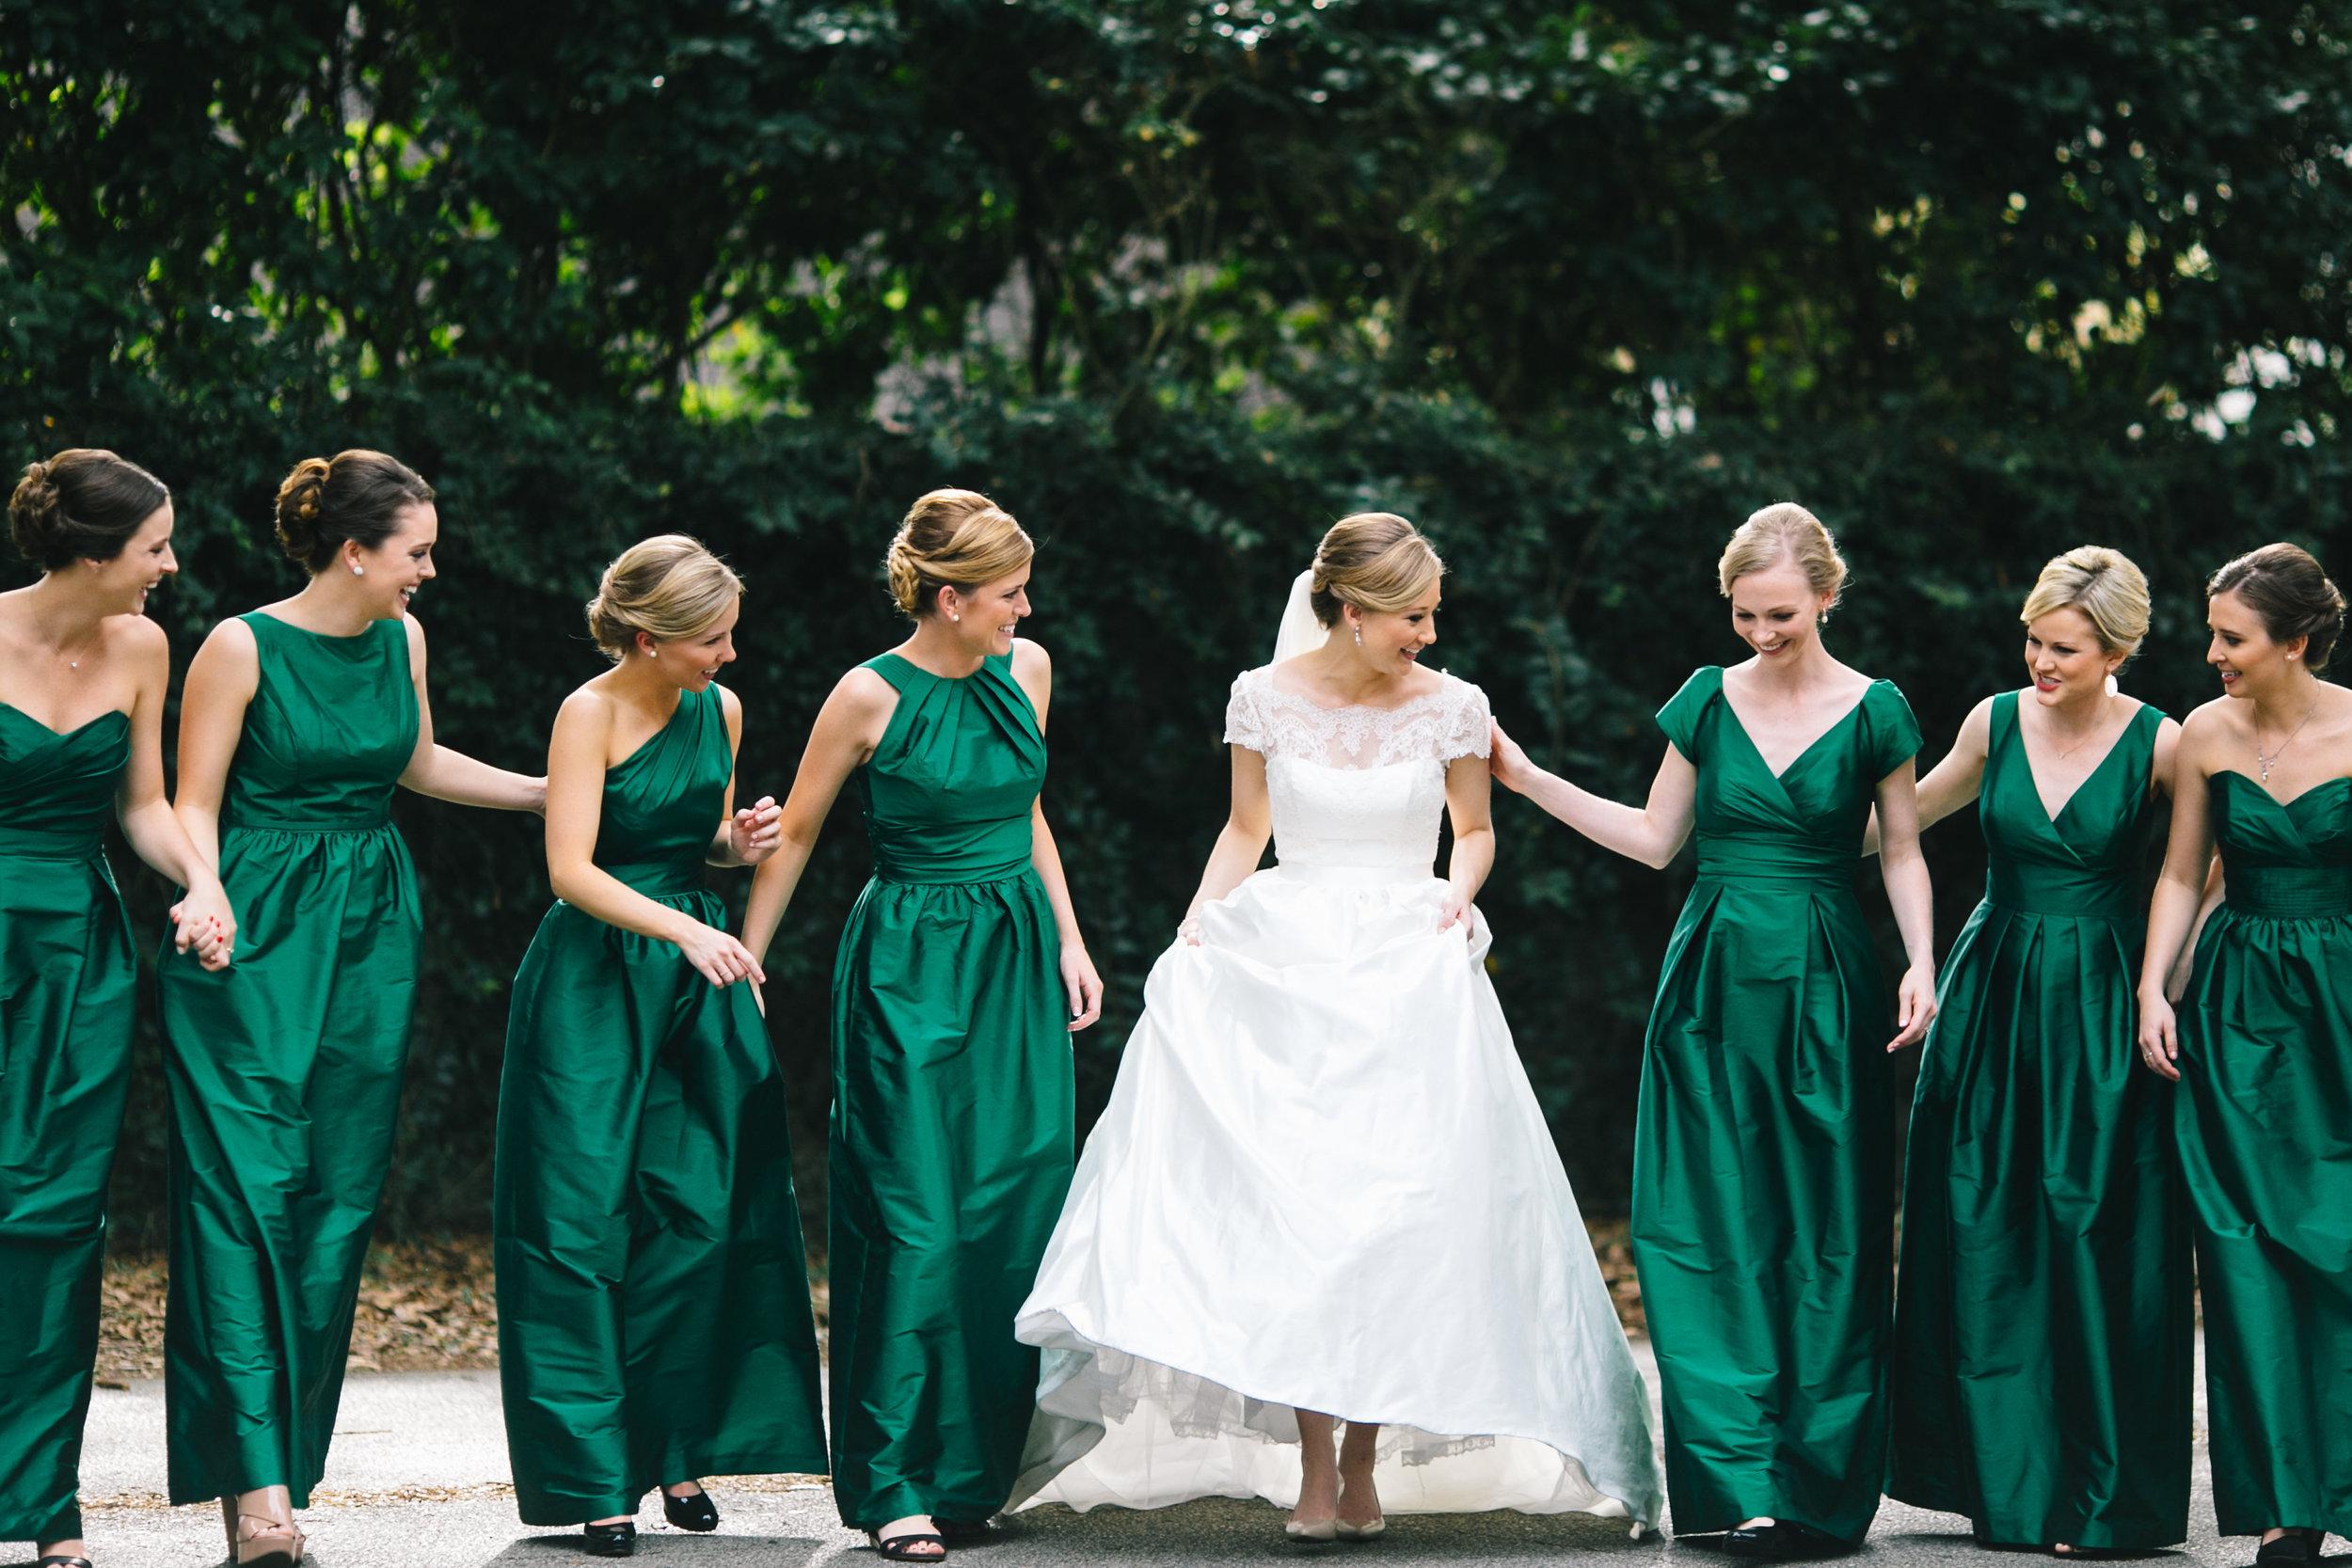 Orlando Bride Lake Mary Event Center Wedding